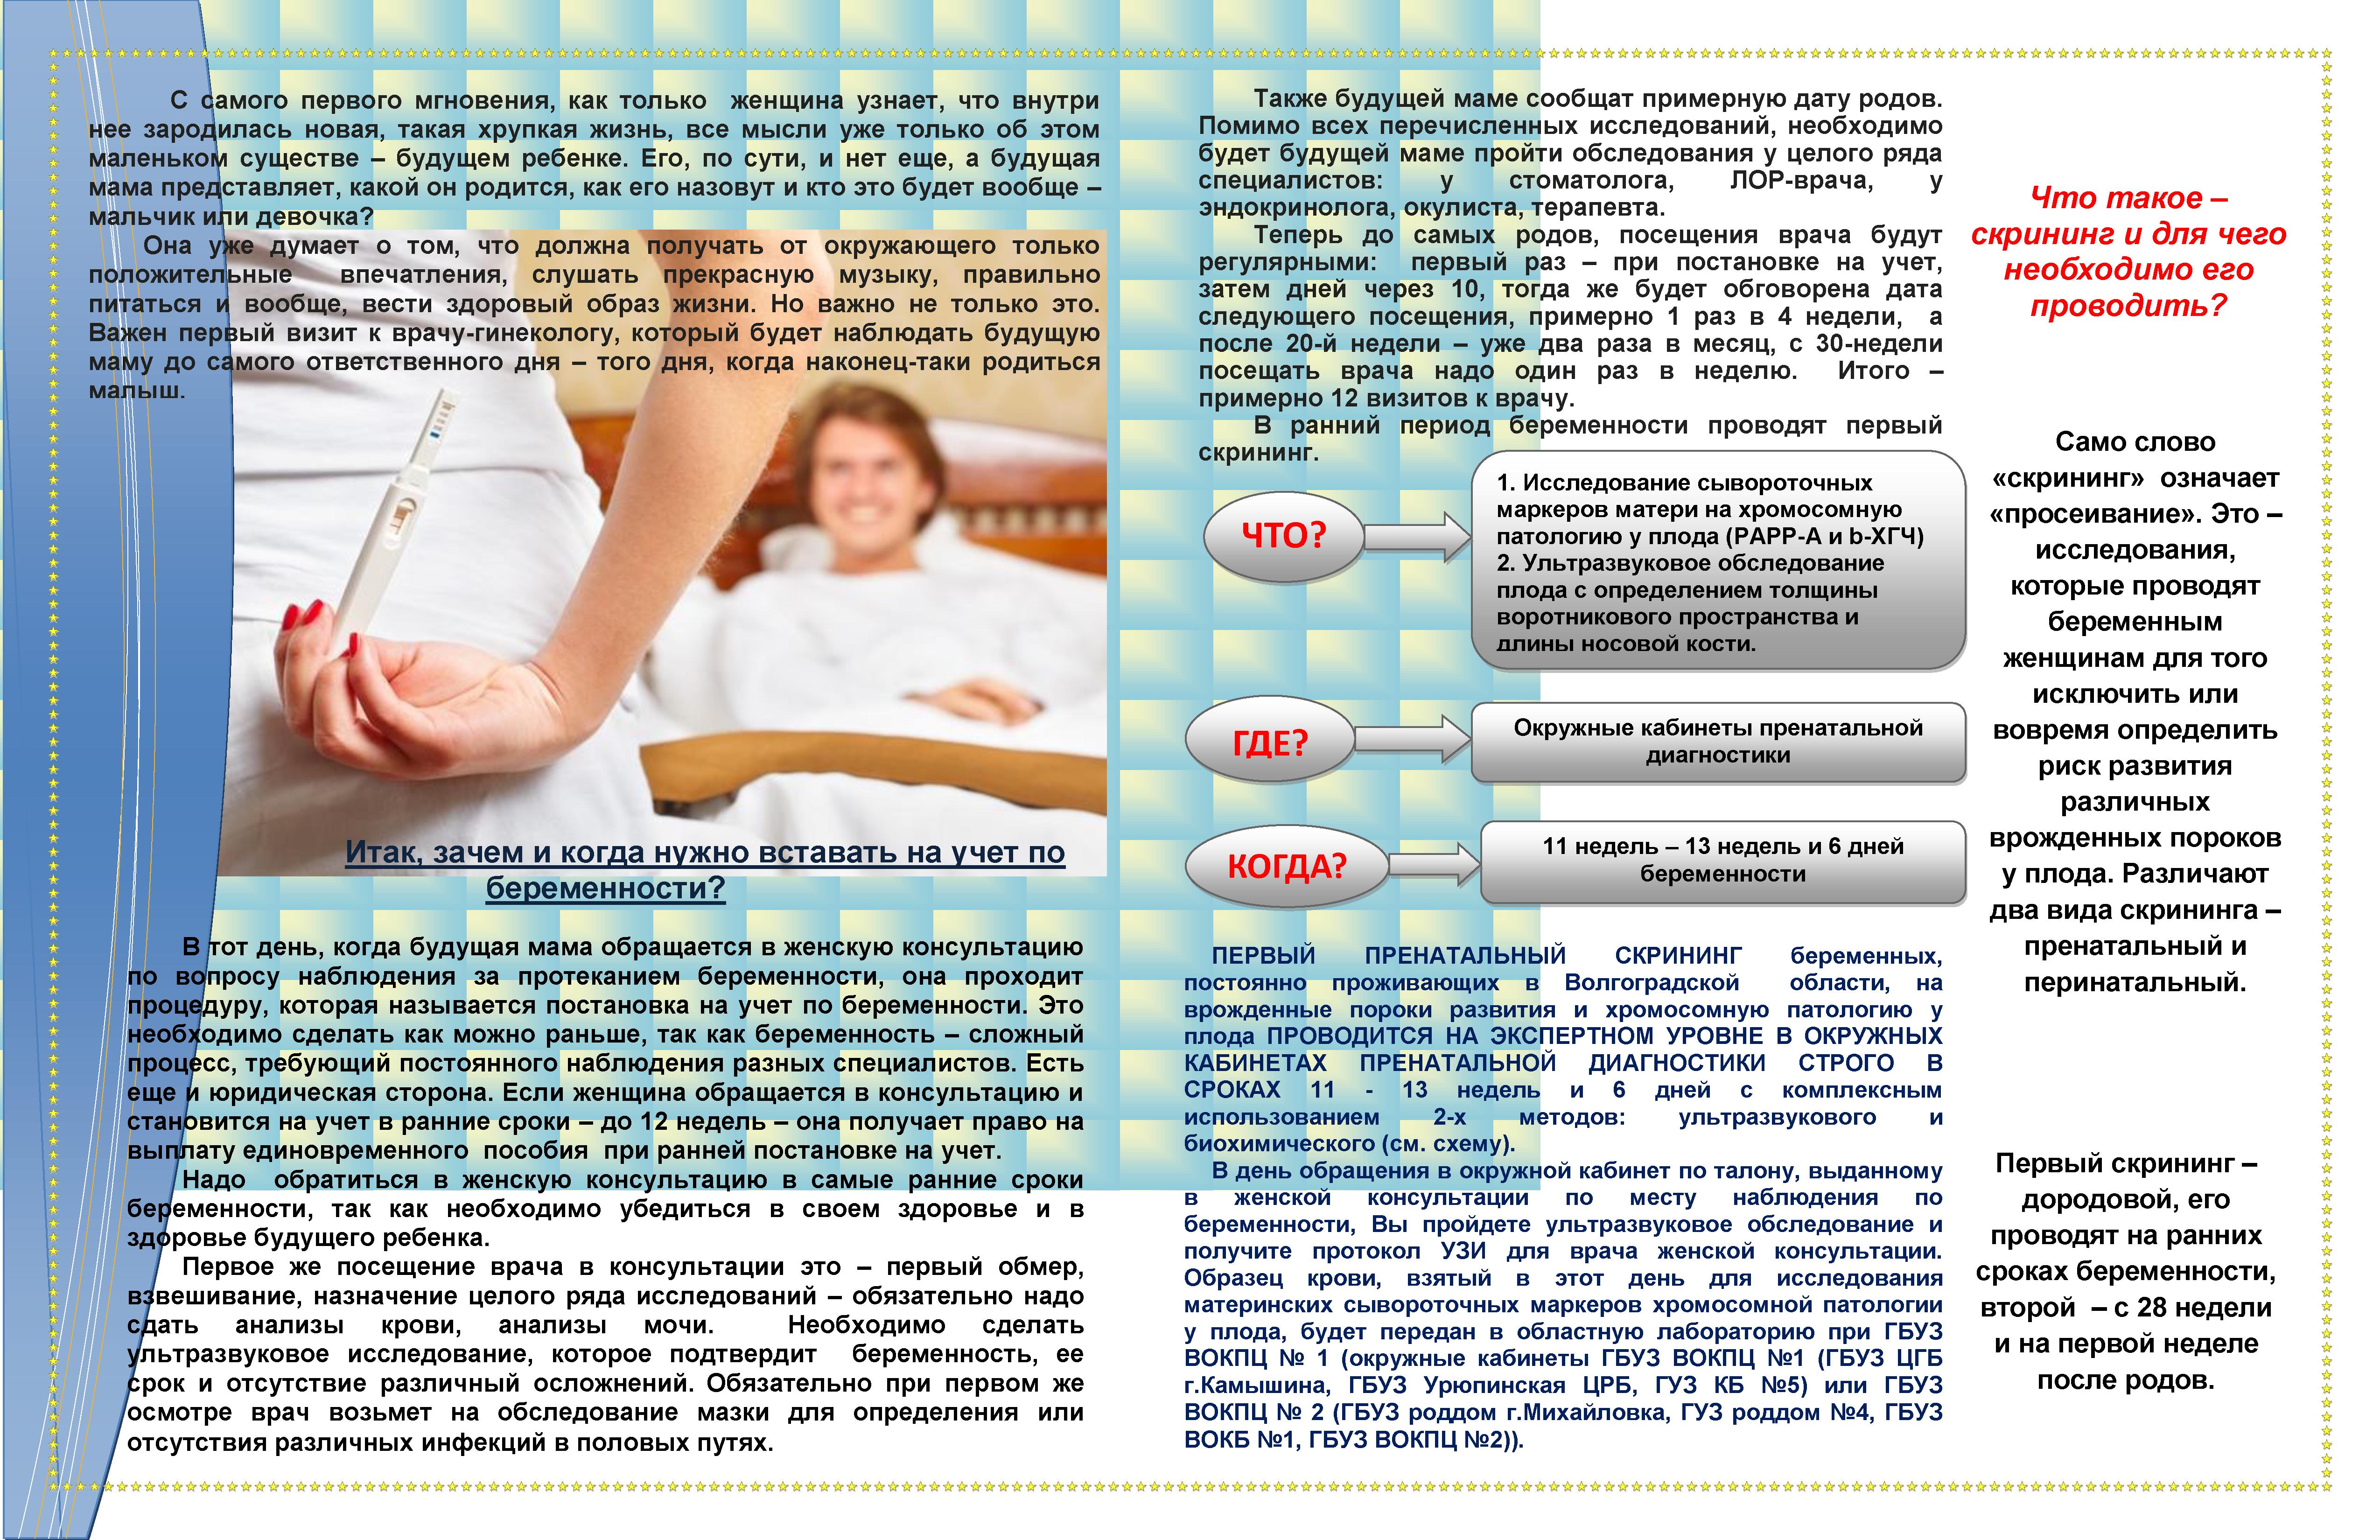 Становление на учет по беременности